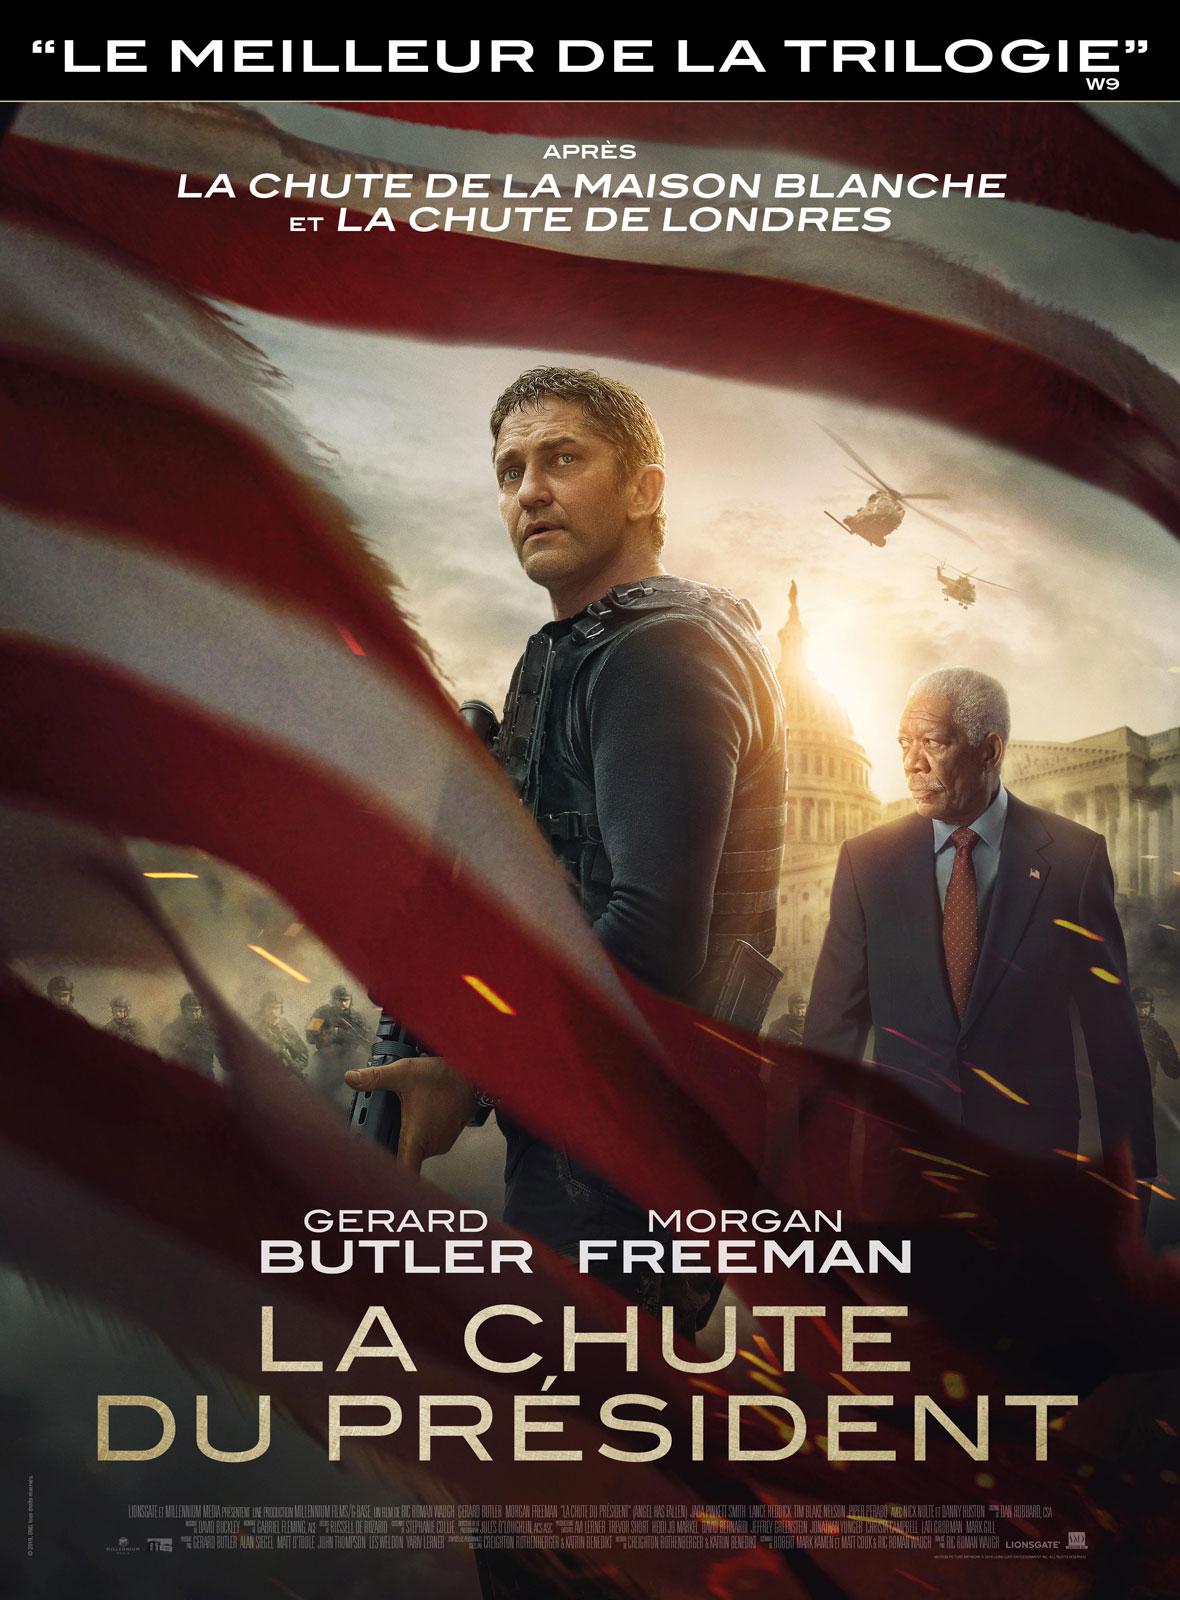 La Chute du Président DVD